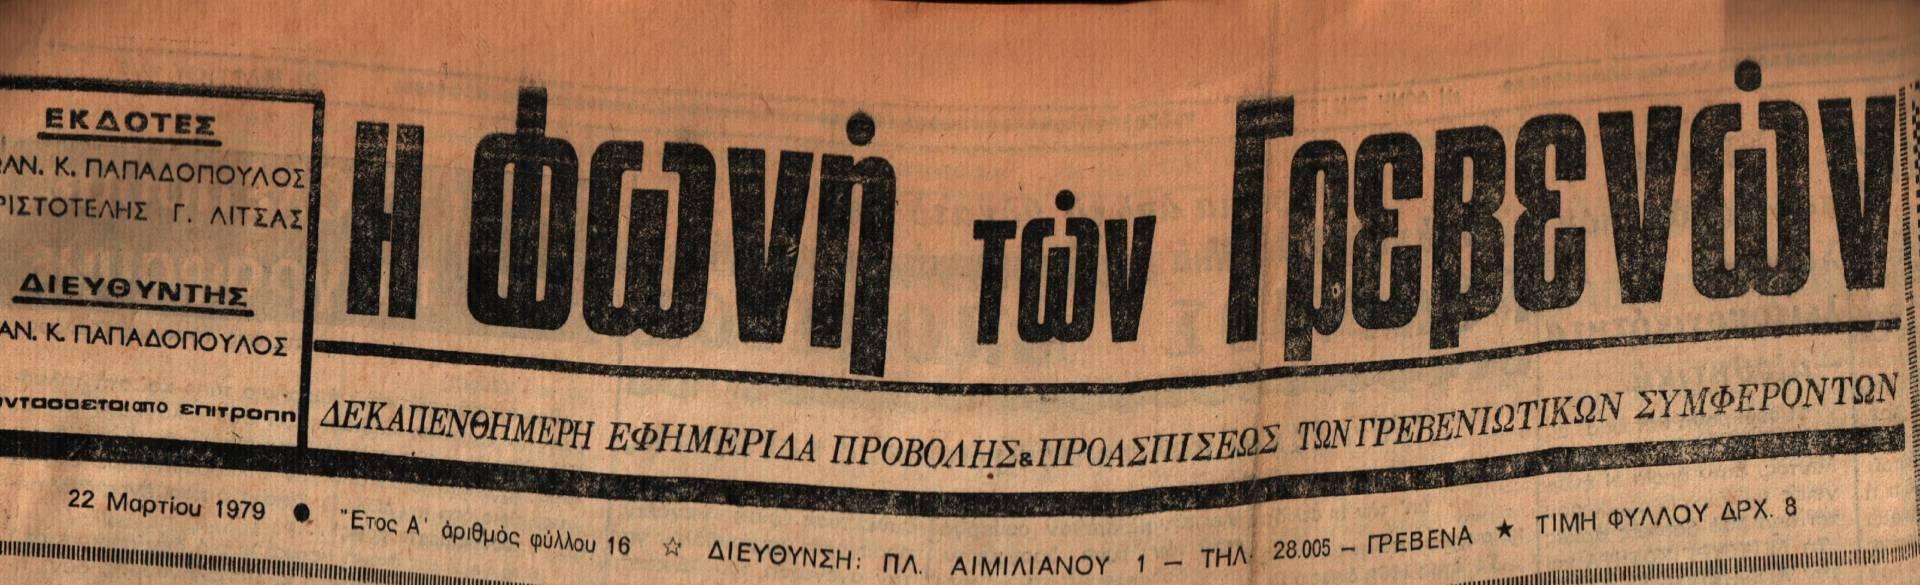 22 Μαρτίου 1979: Η ιστορία των Γρεβενών μέσα από τον Τοπικό Τύπο.Σήμερα:Σύντομες σκέψεις